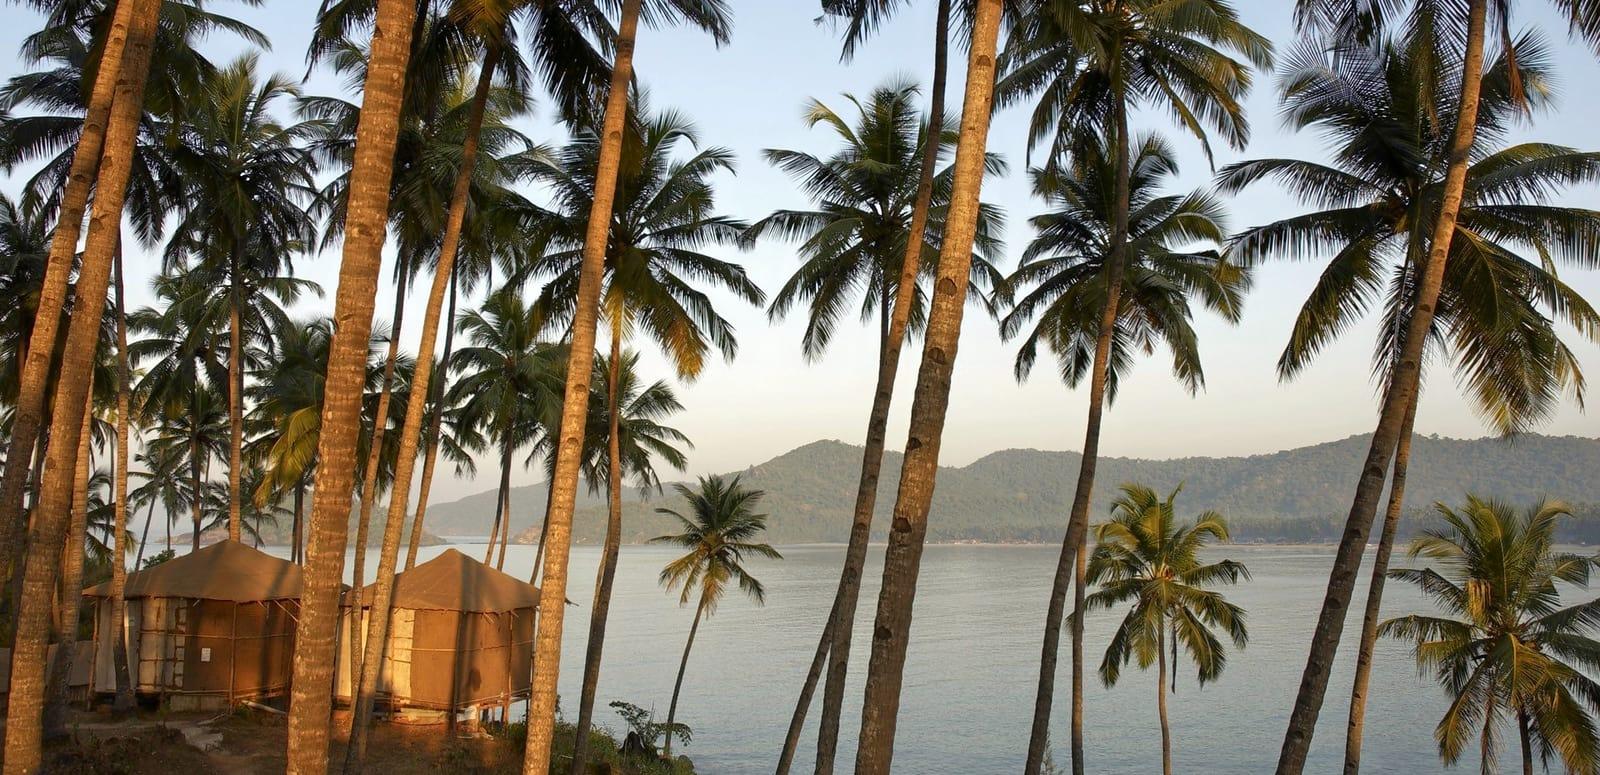 10 Best Goa Beaches for Foreigners (2019 Traveler's Awards)